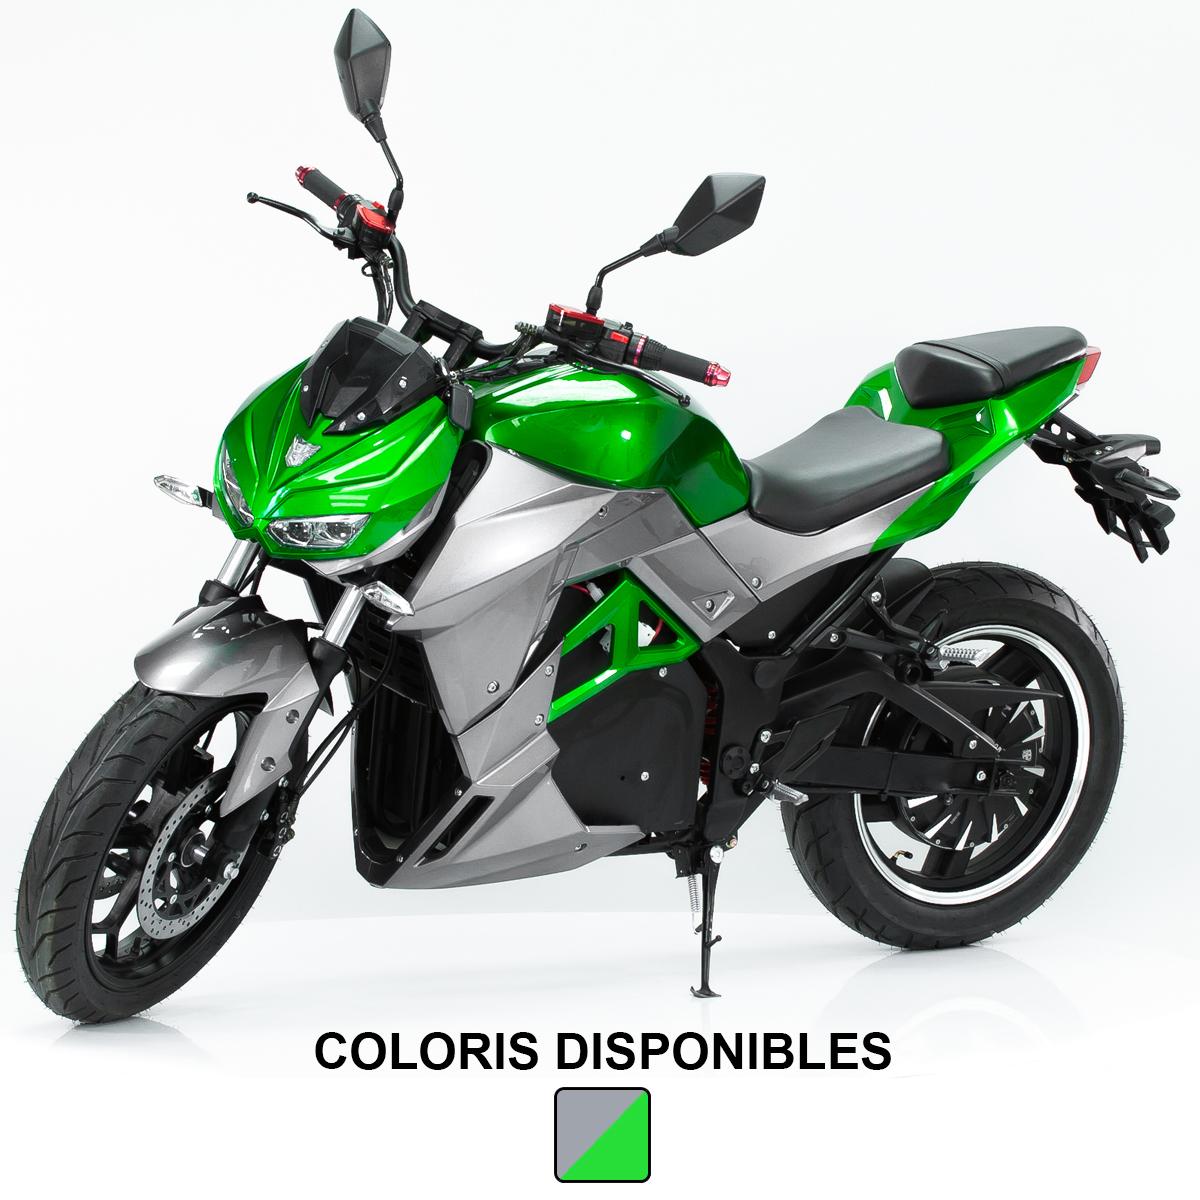 Moto électrique 125 cc : Maccha Venom